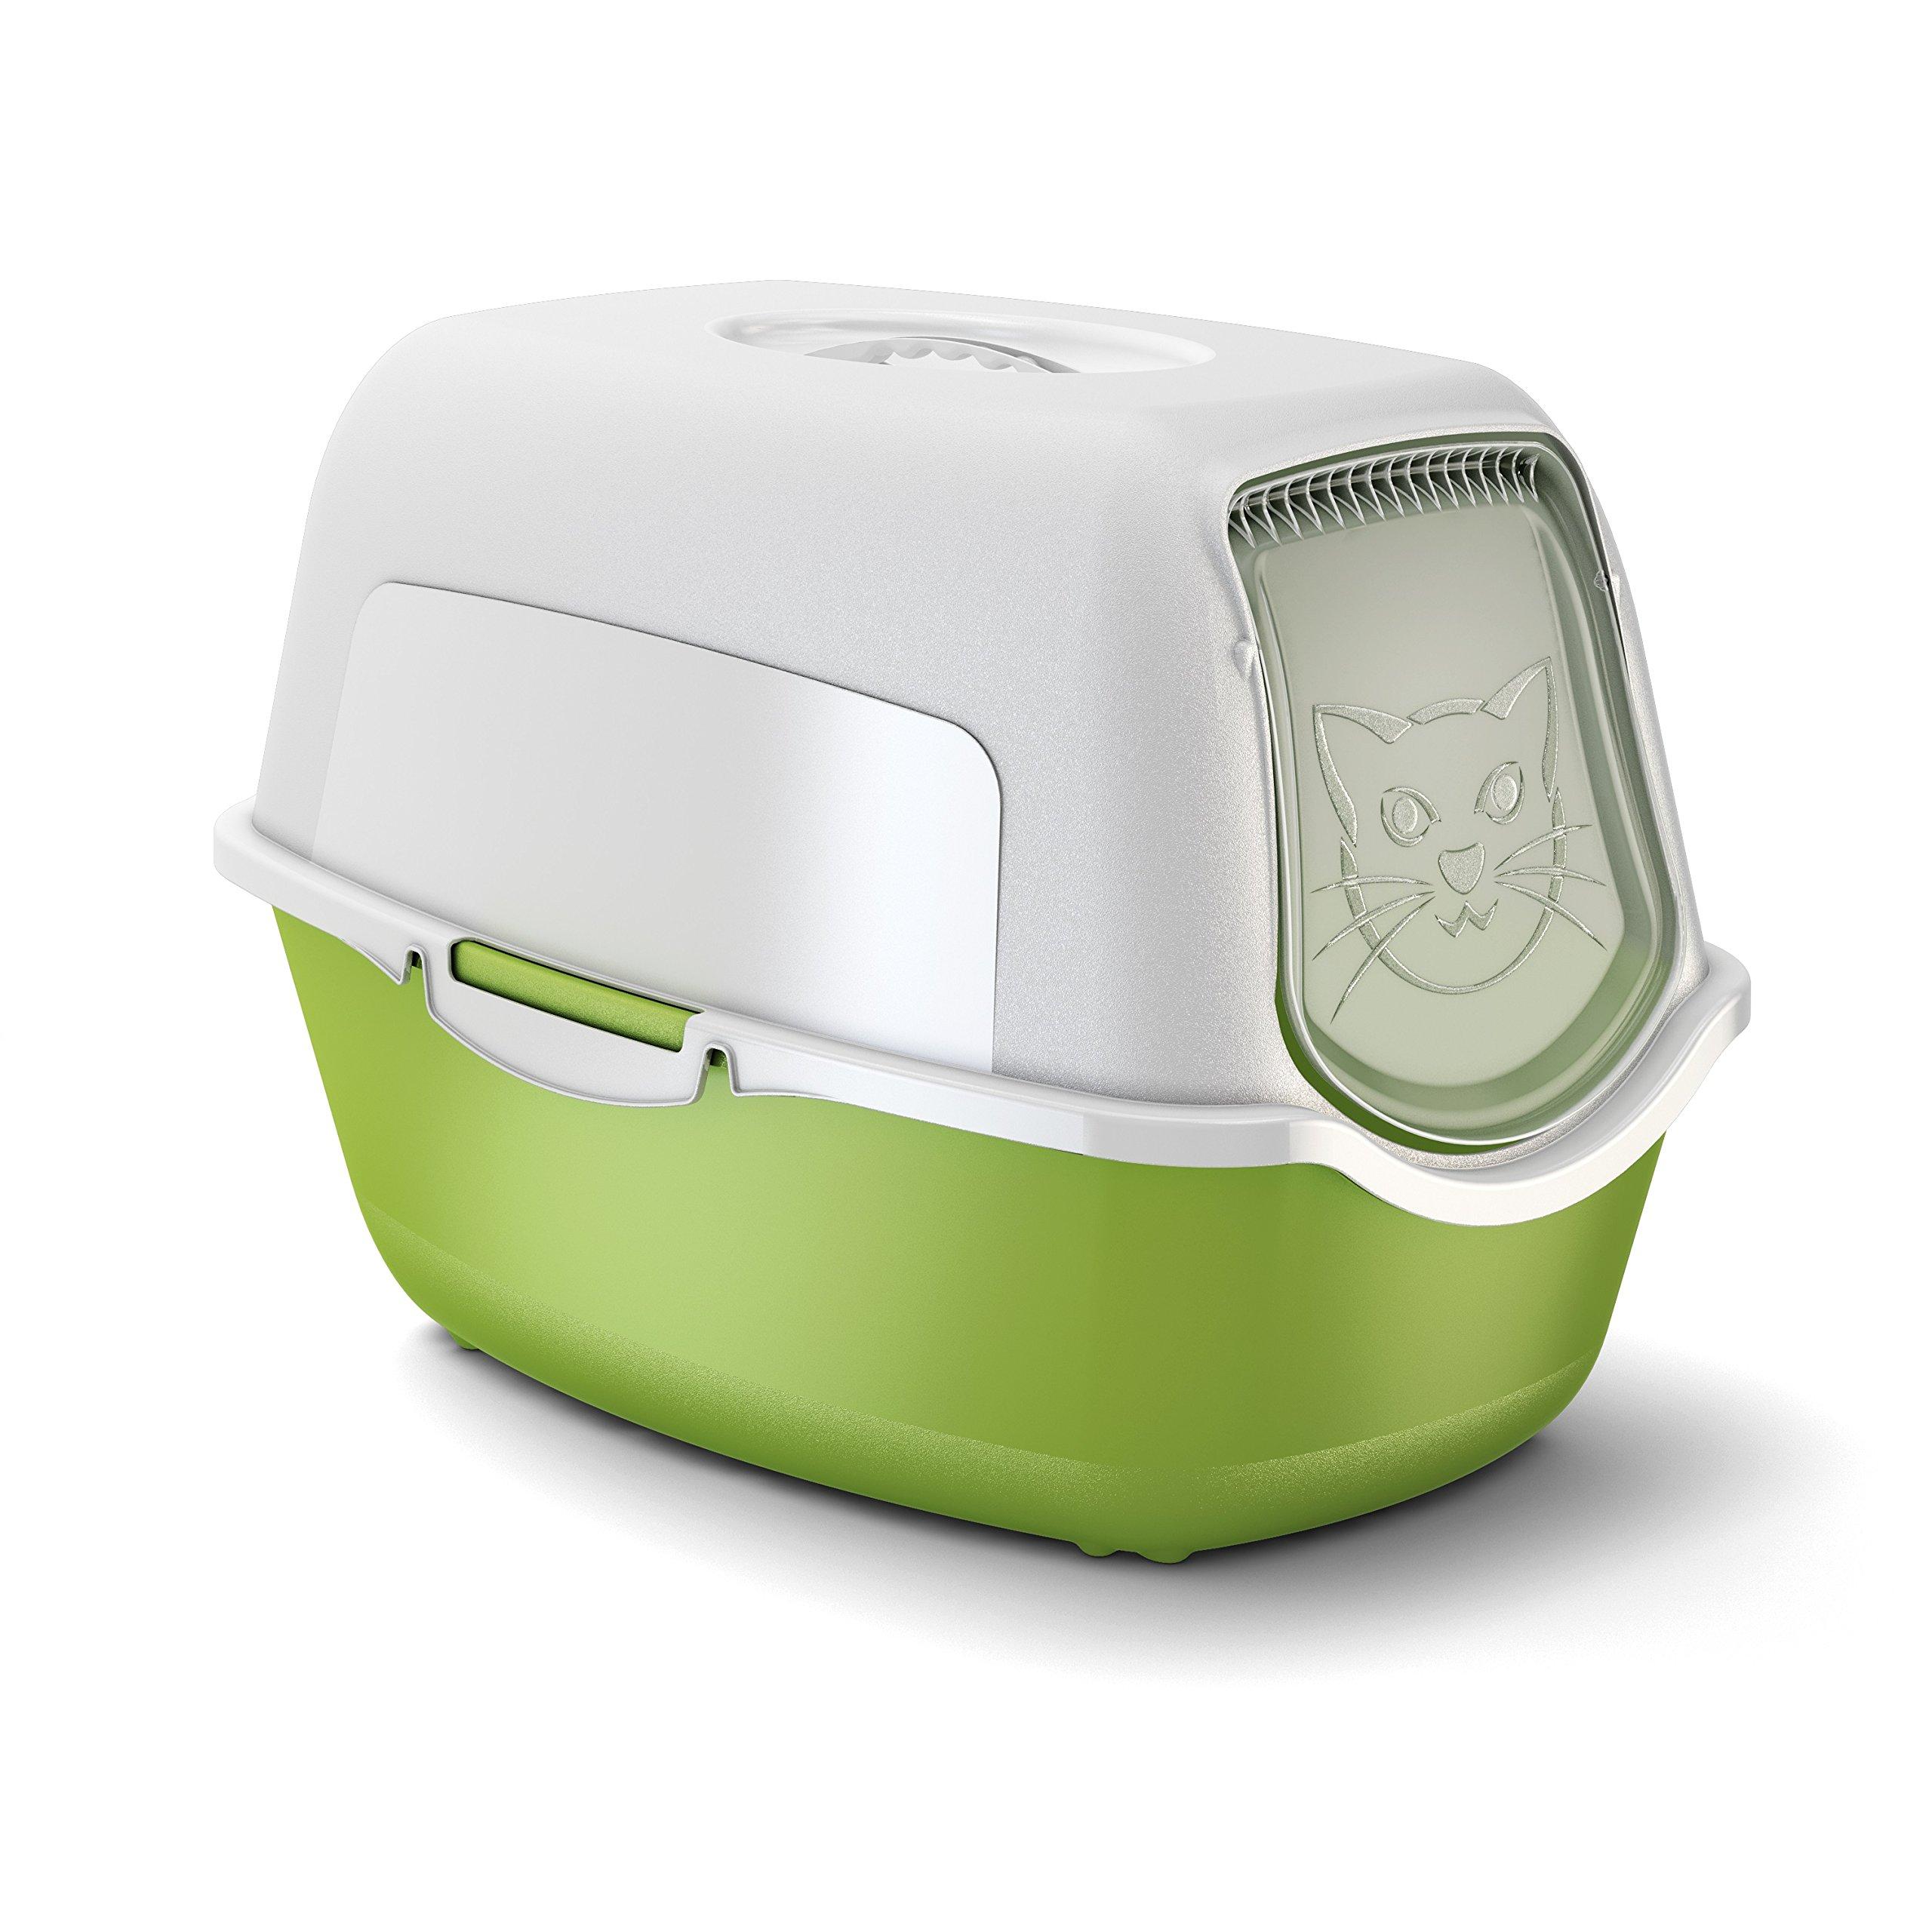 Maison de toilette pour chat verte/ blanche